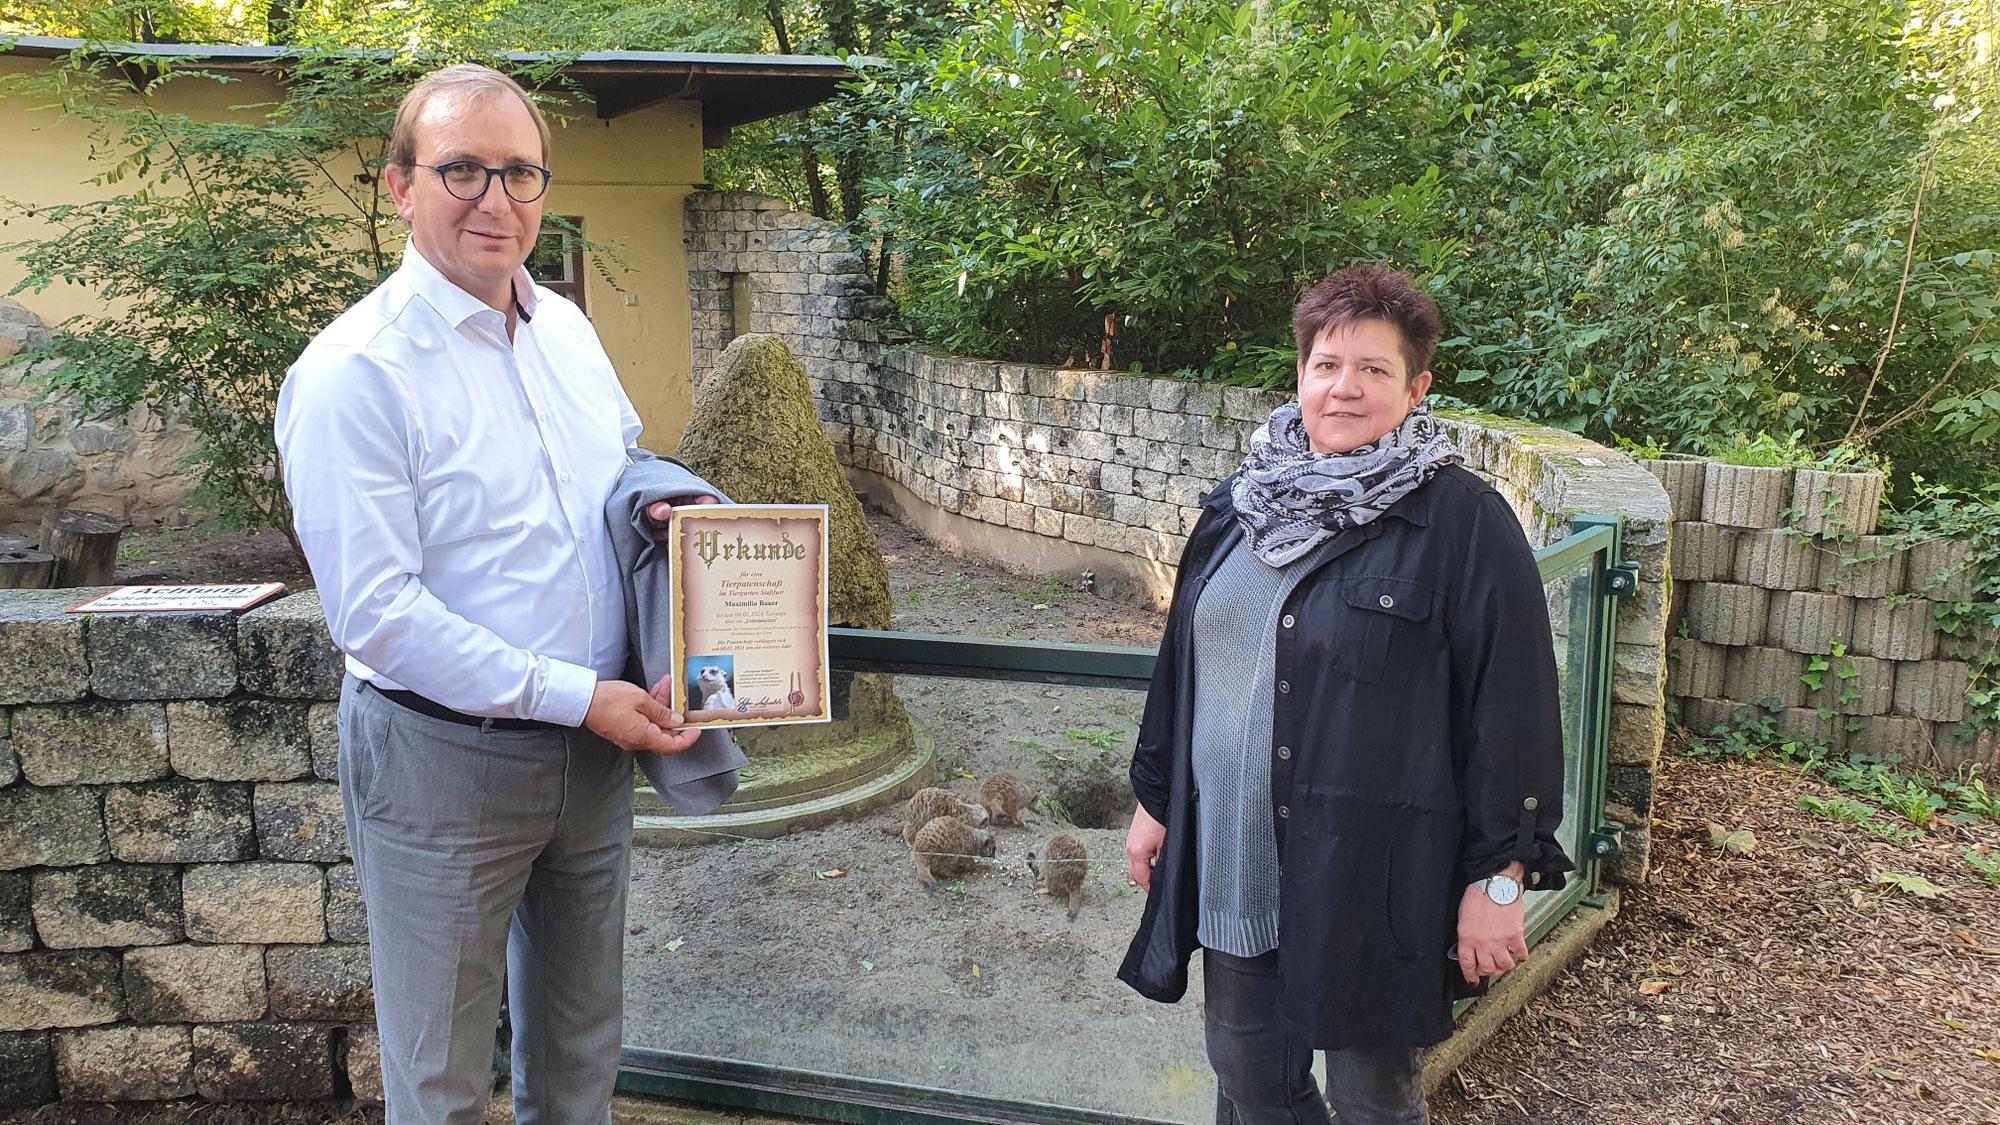 Landrat zu Unterstützung für Tiergarten Staßfurt: Patenschaften schaffen Bindung Heranwachsender an die Region